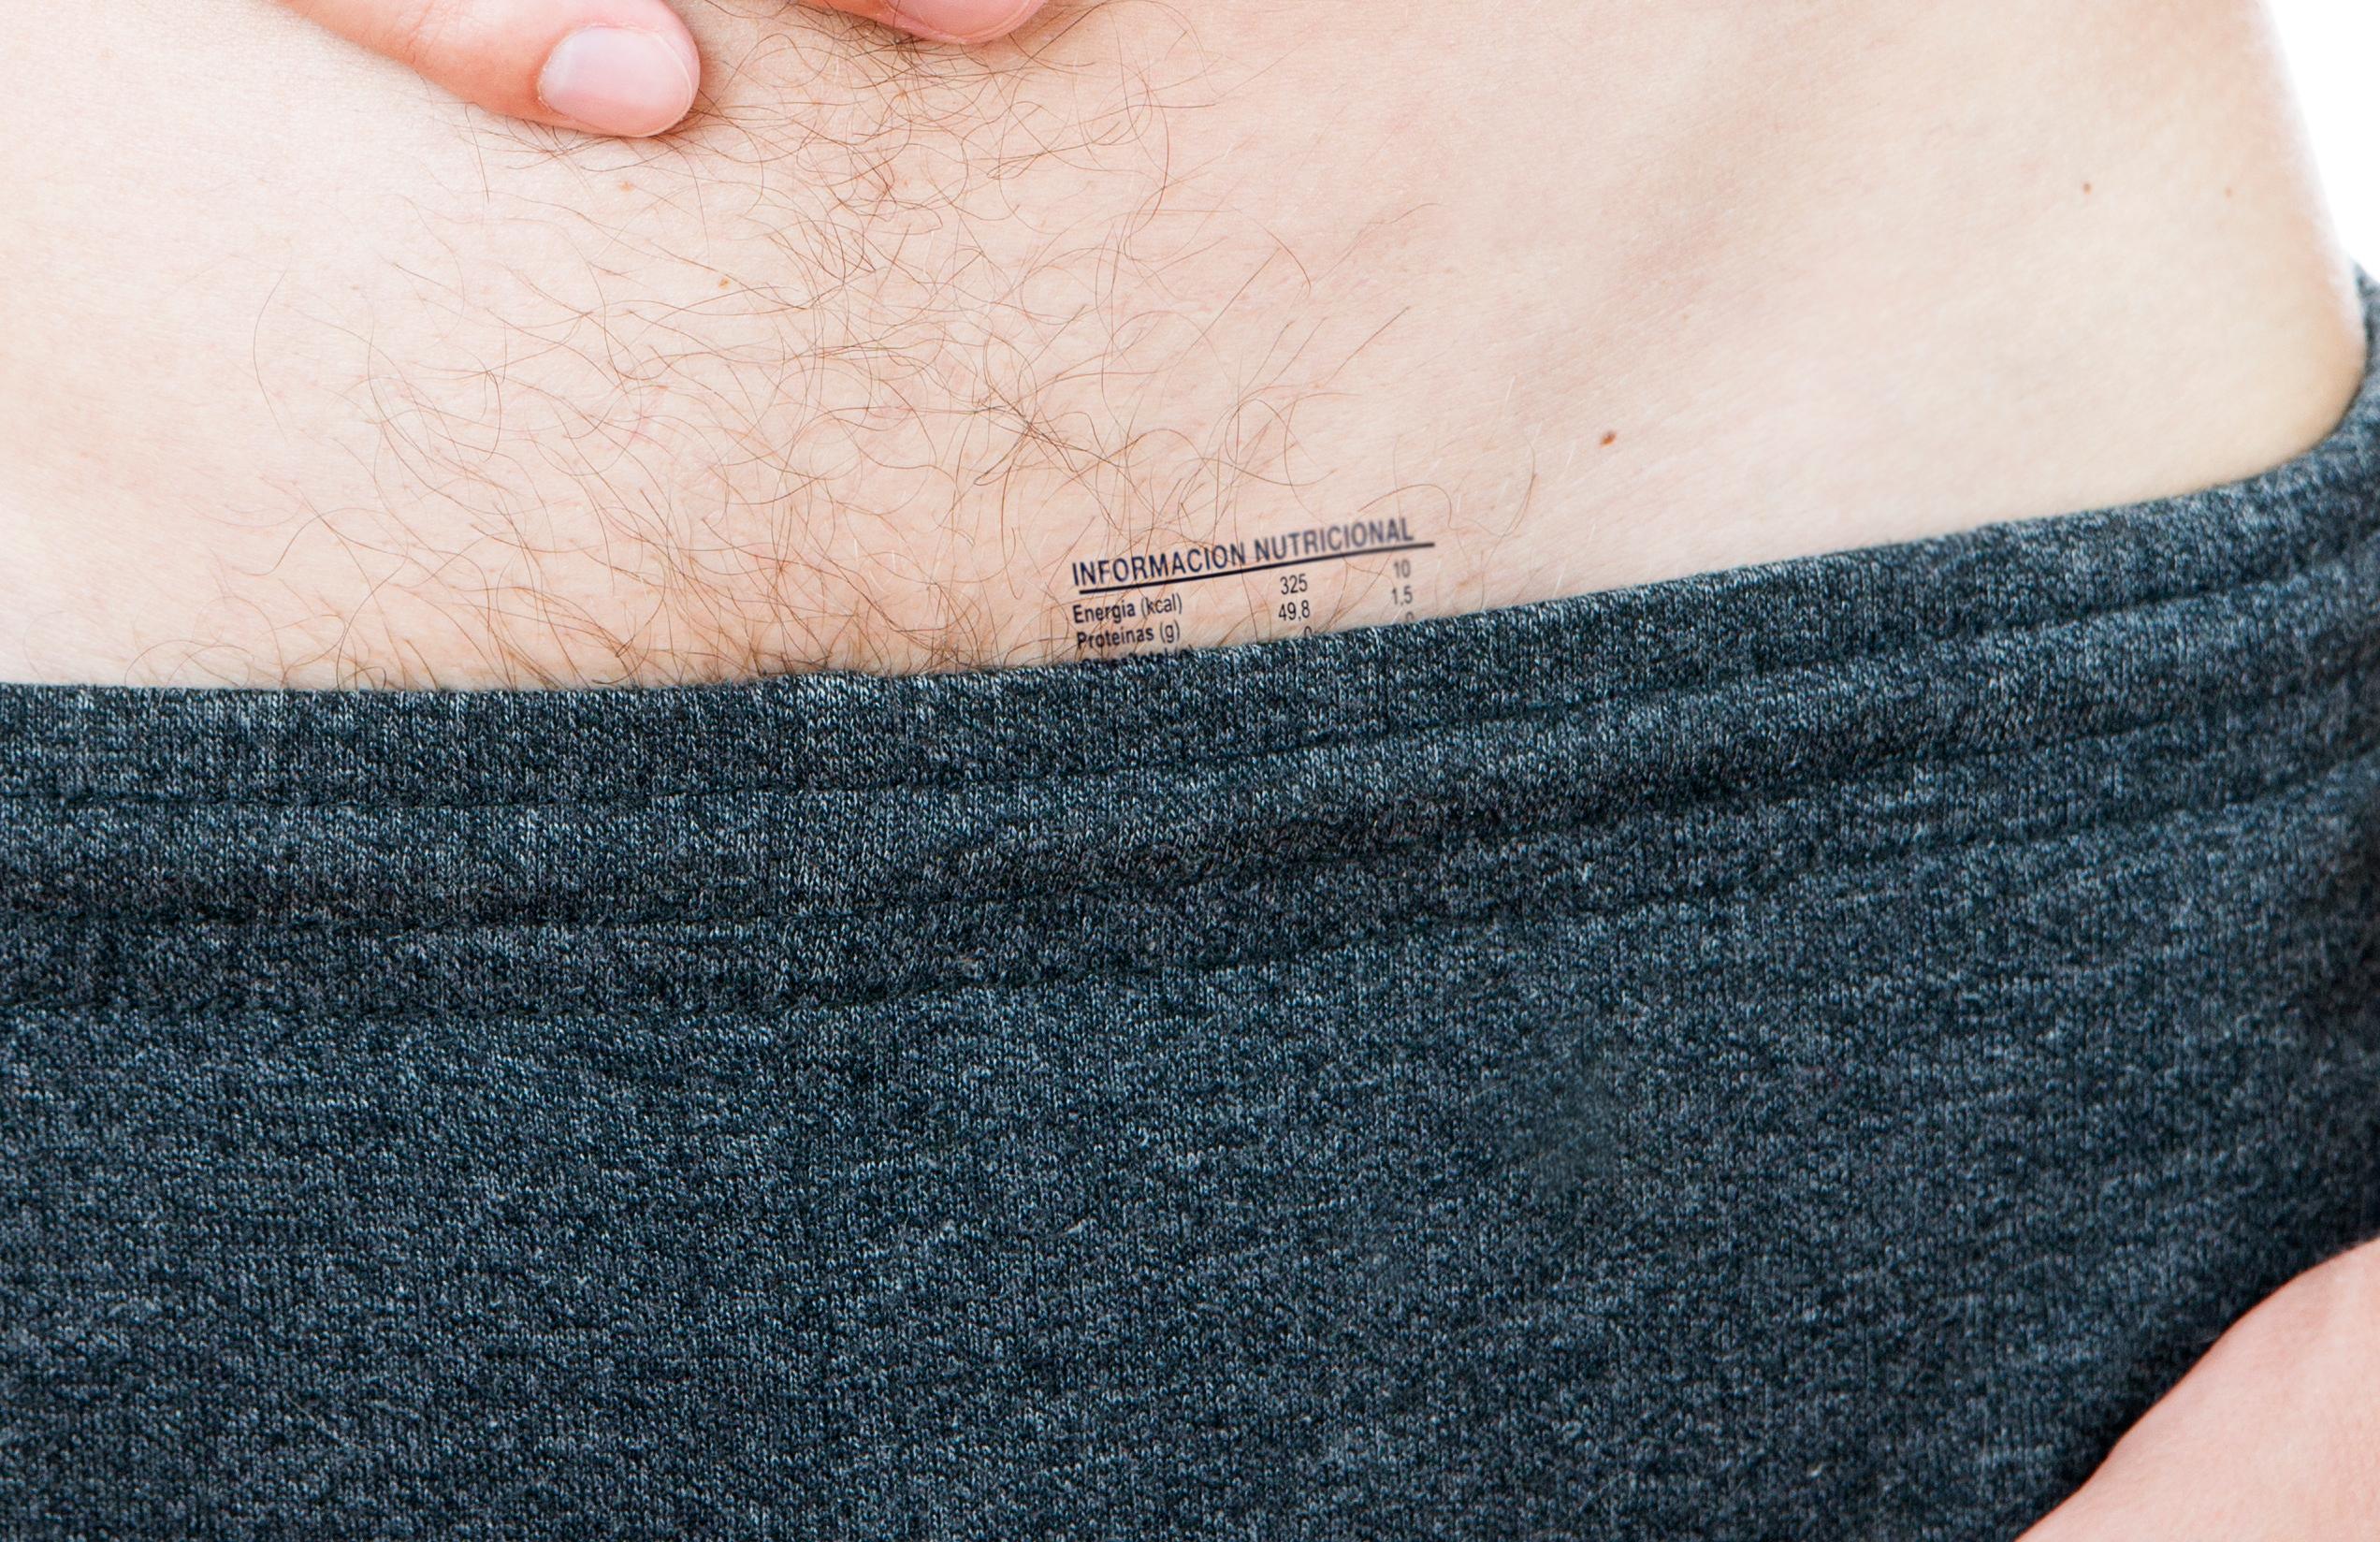 Los genitales deberán incluir una tabla de información nutricional ...